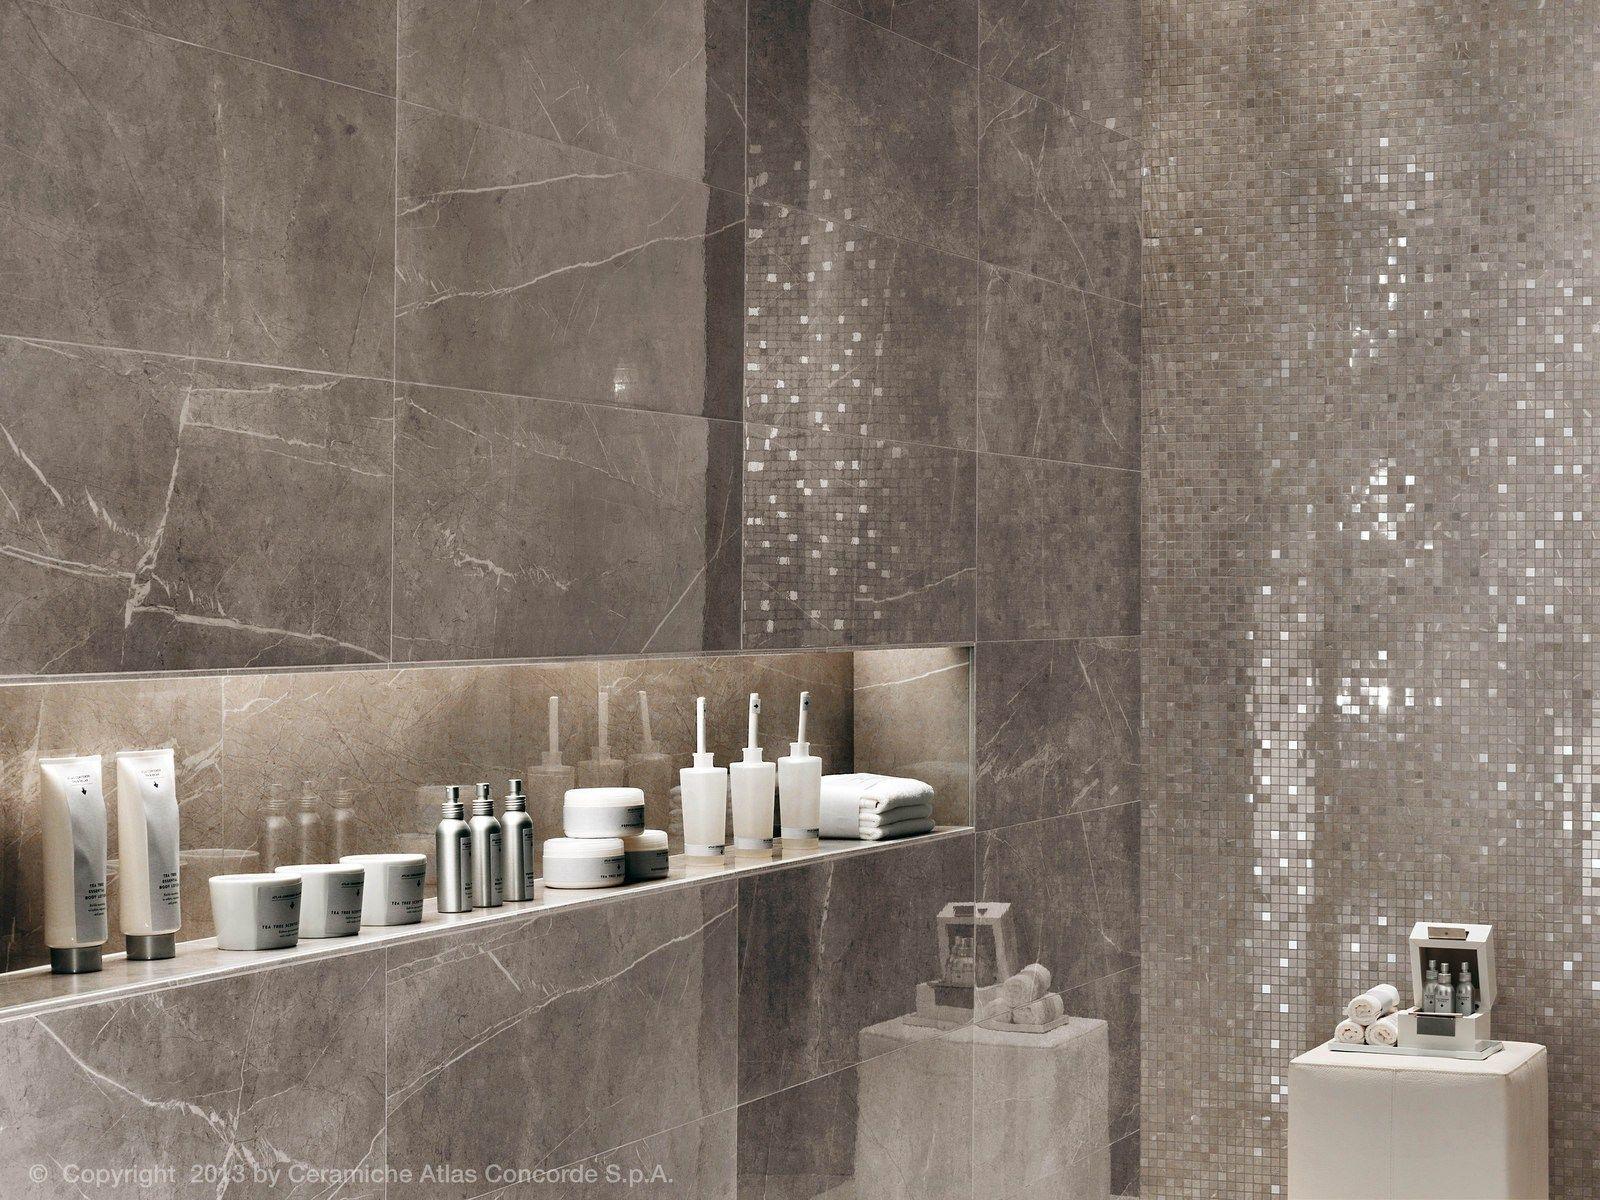 Boiserie bagno ~ Rivestimento in ceramica a pasta bianca effetto marmo marvel wall